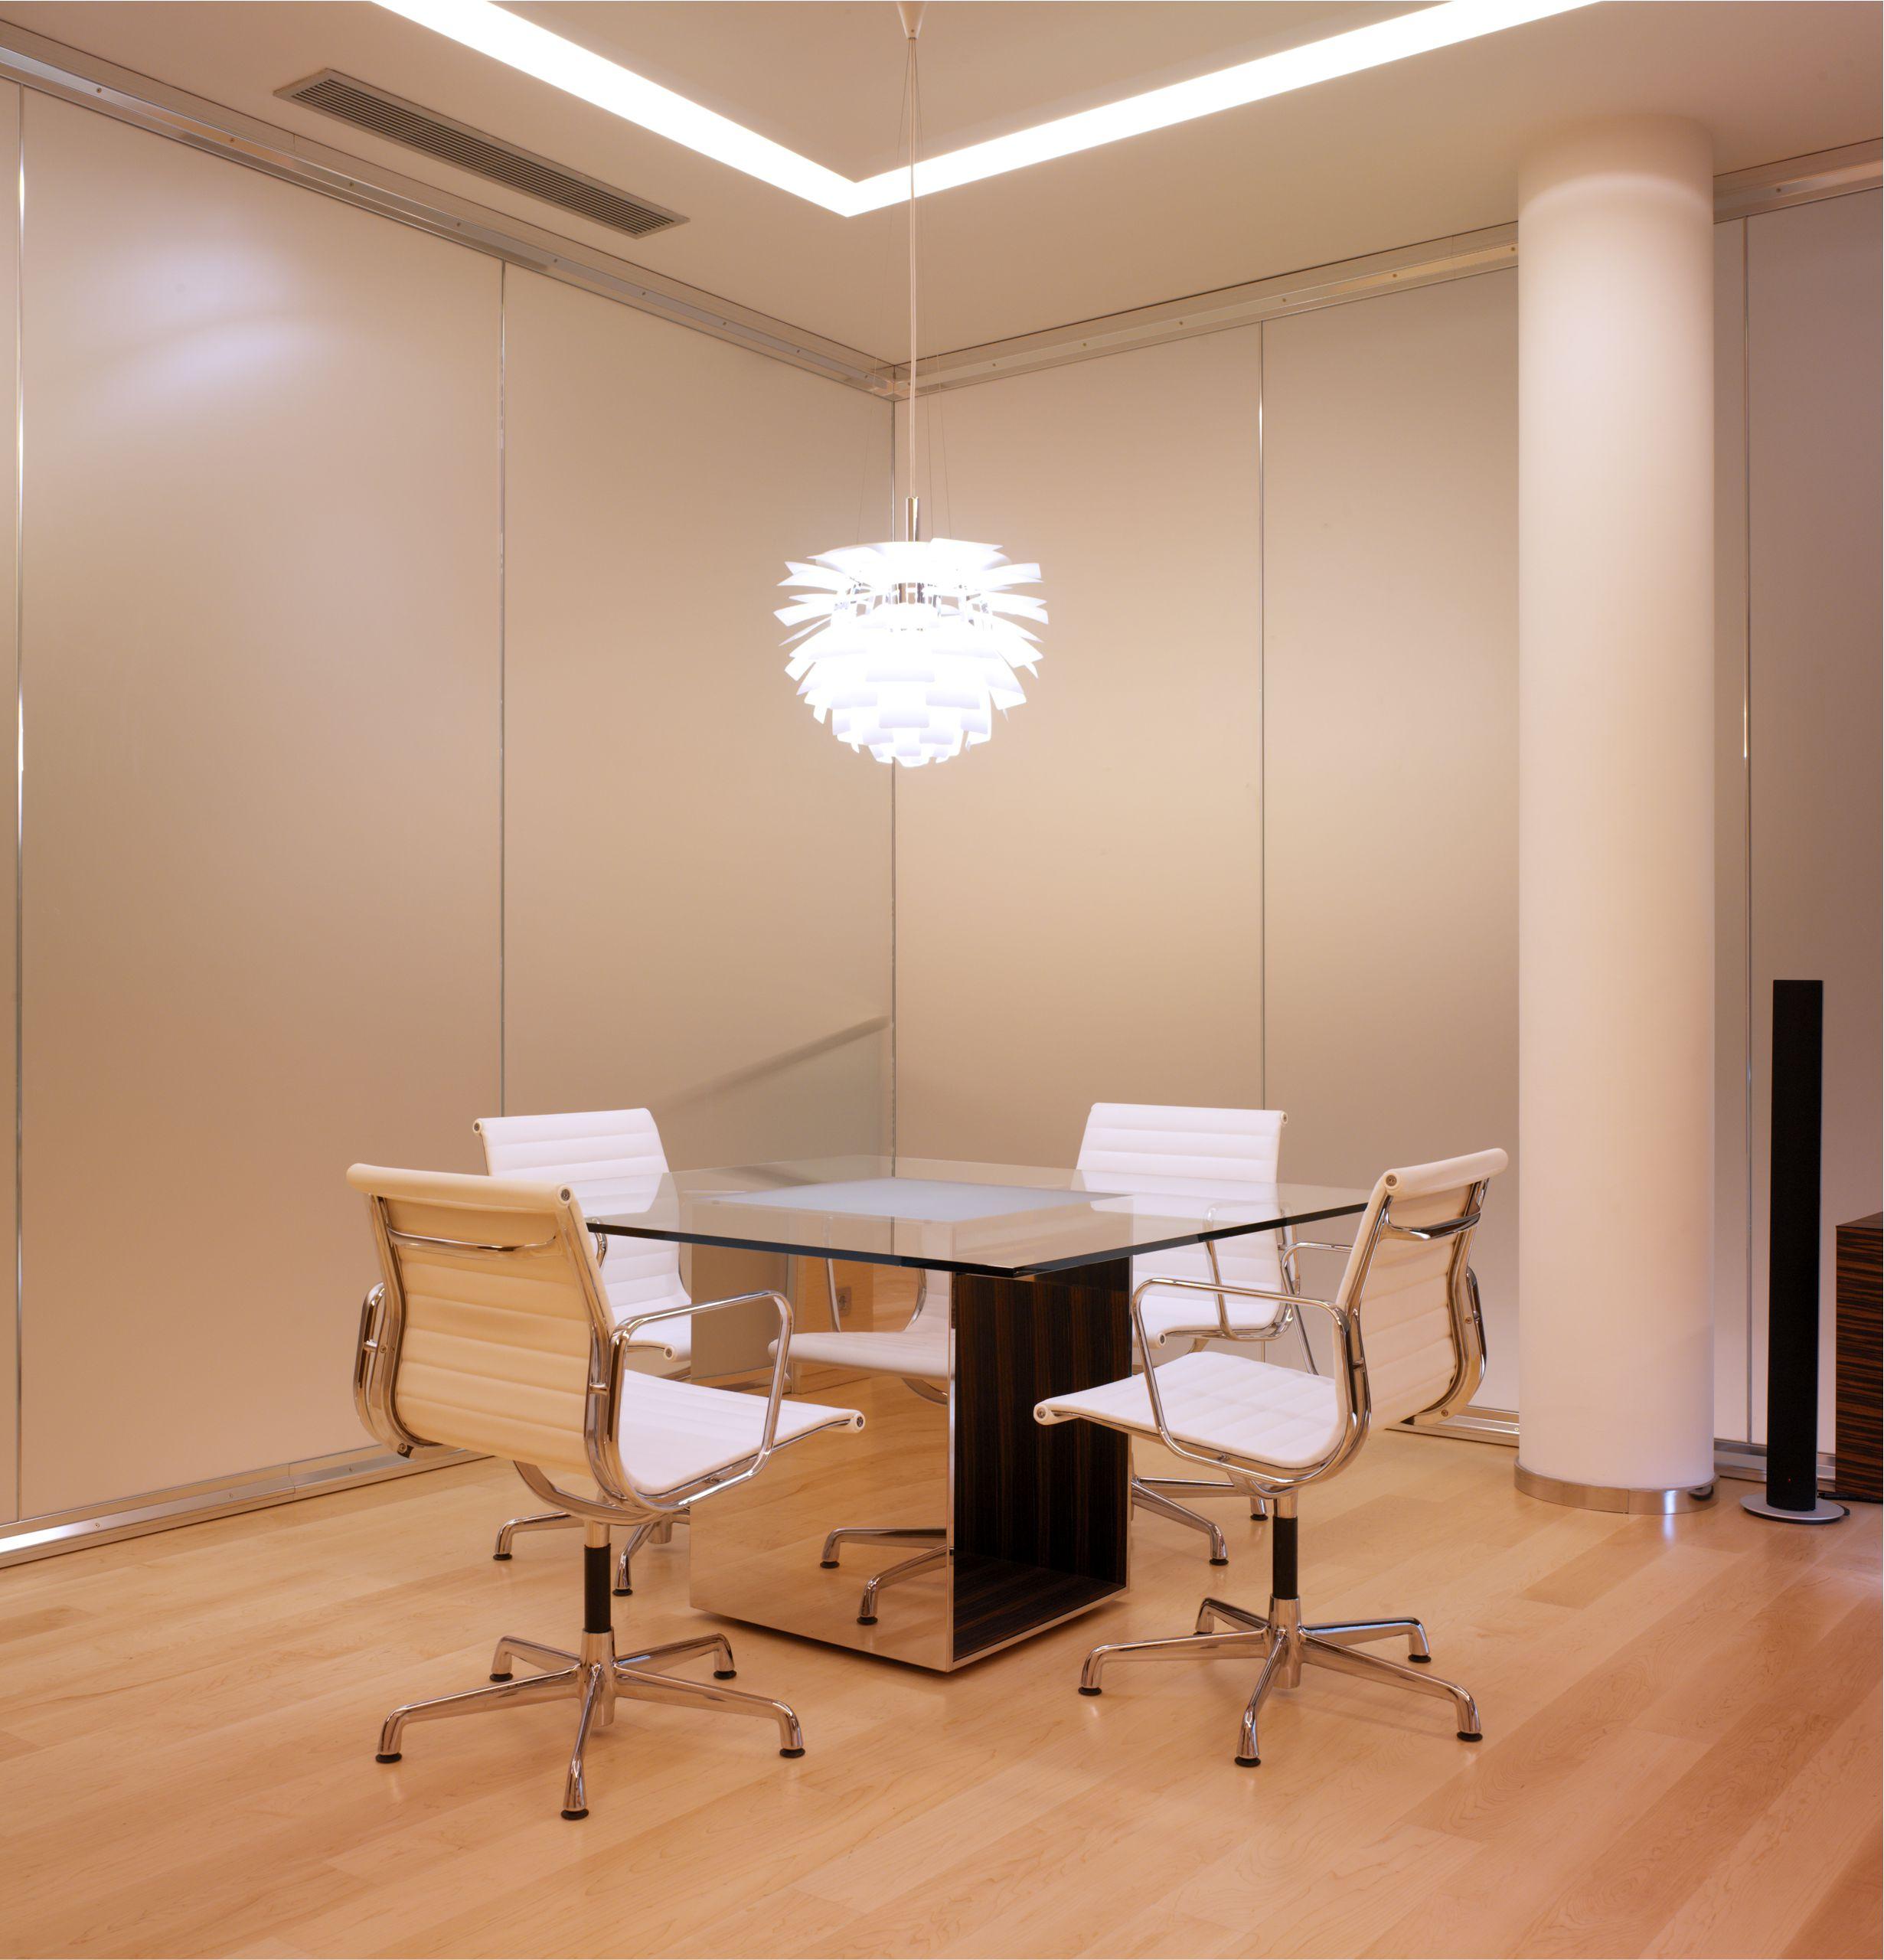 Virginia galva blog de interiorismo y decoraci n de for Sala de reuniones